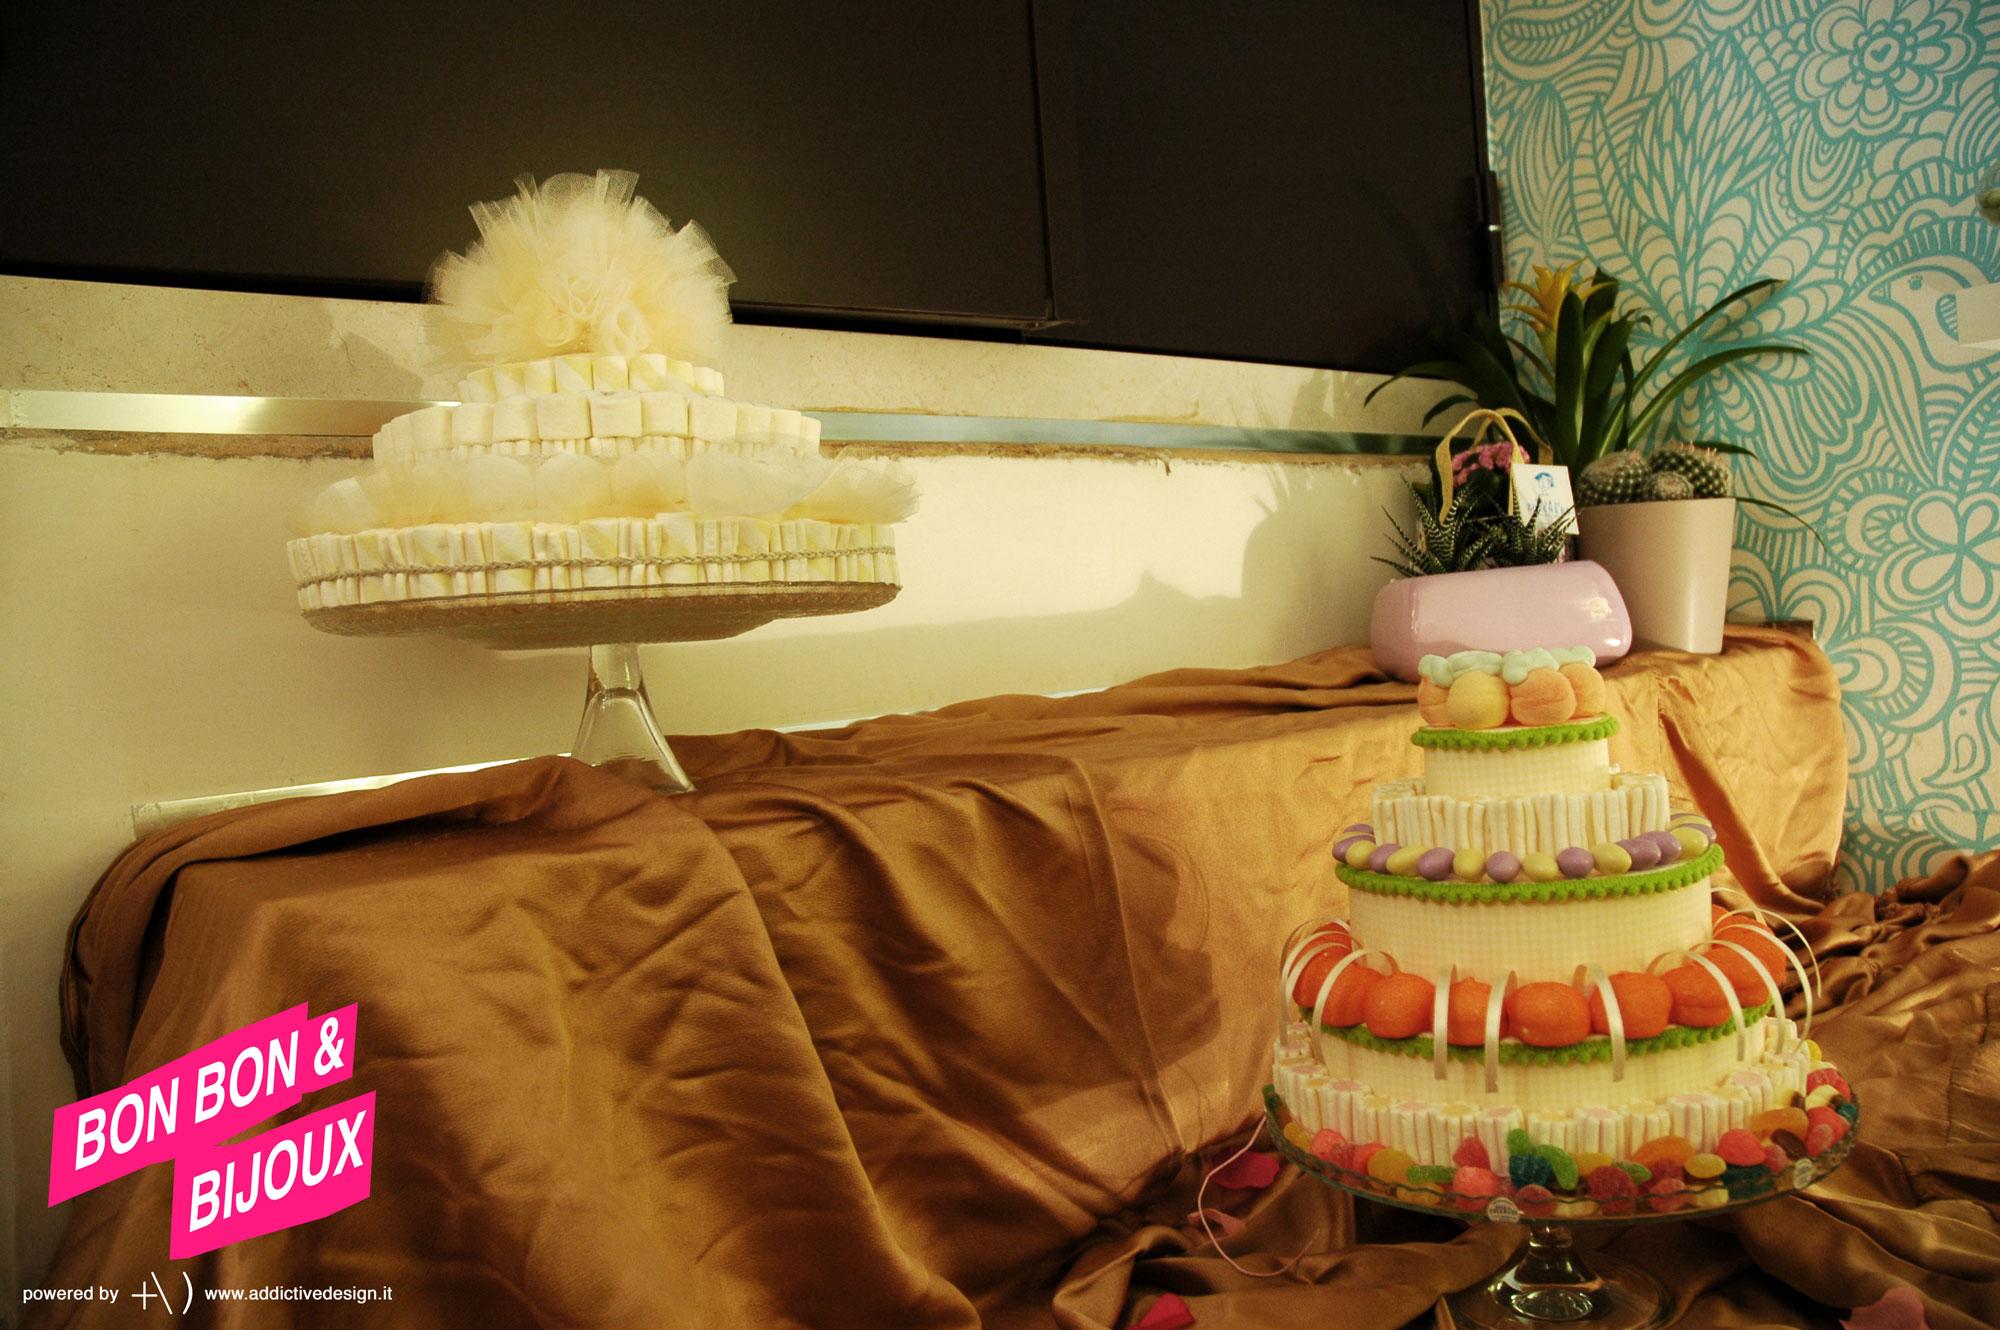 bonbon & bijoux torte